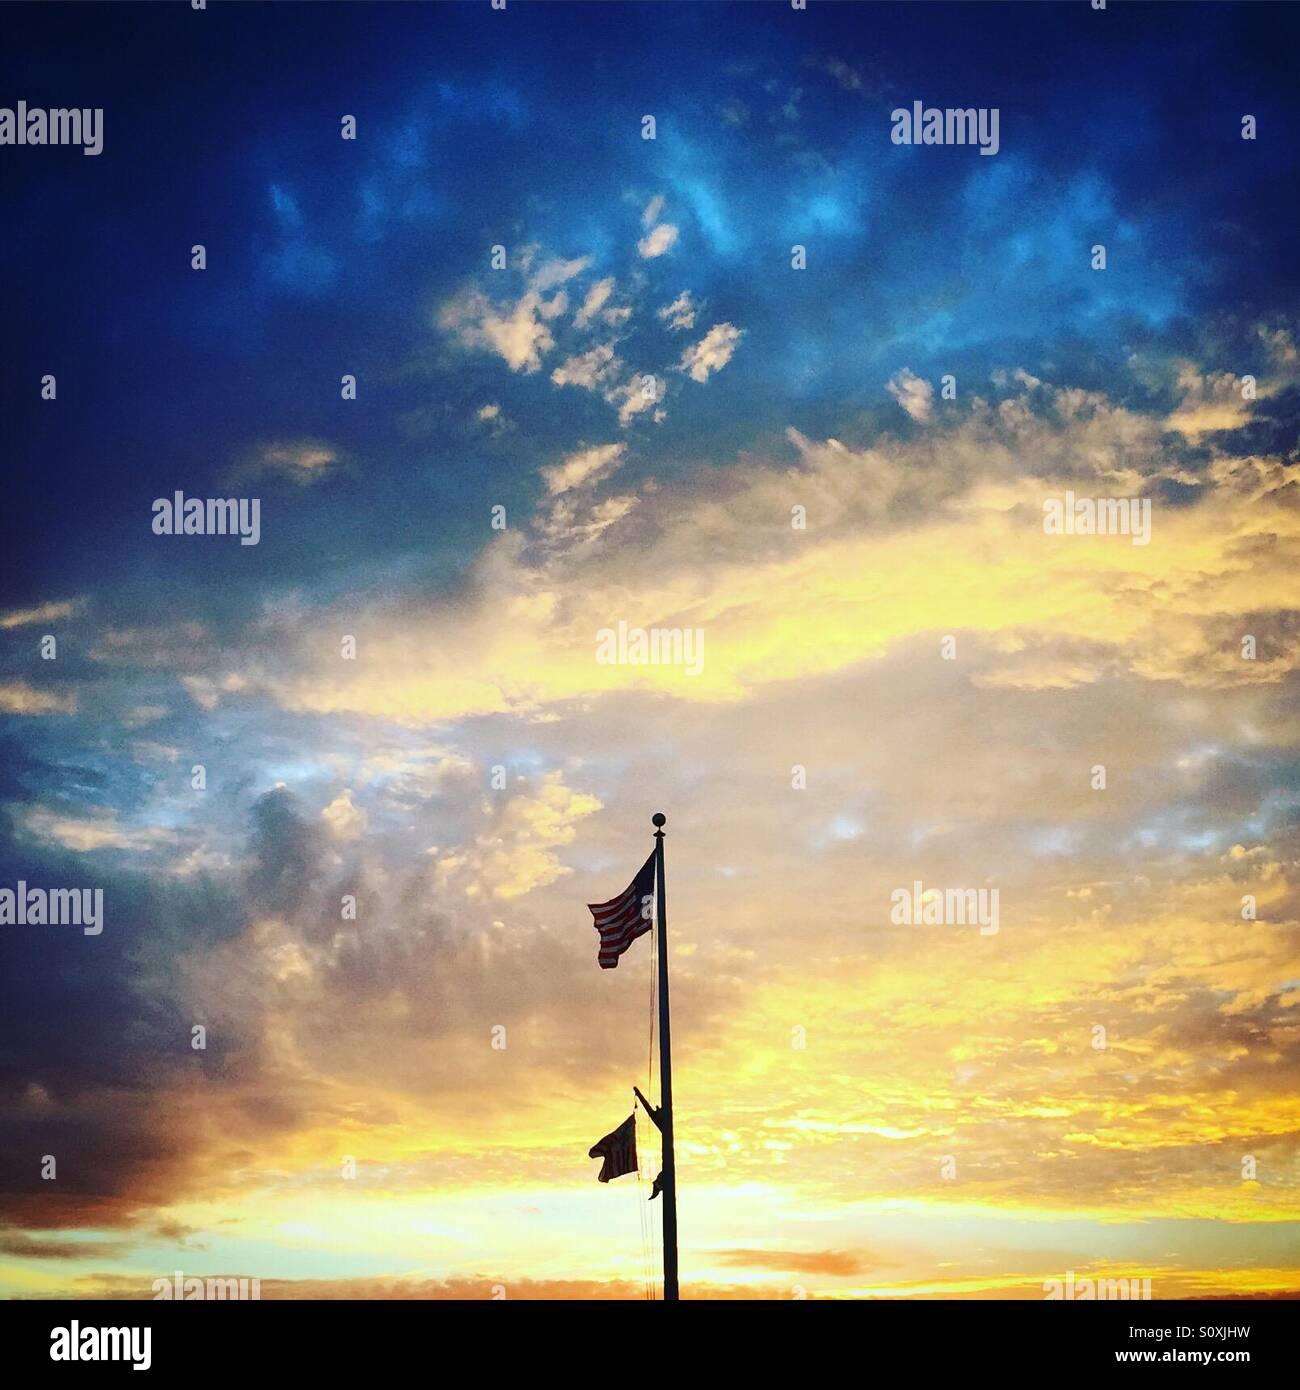 Flagpole at sunset - Stock Image